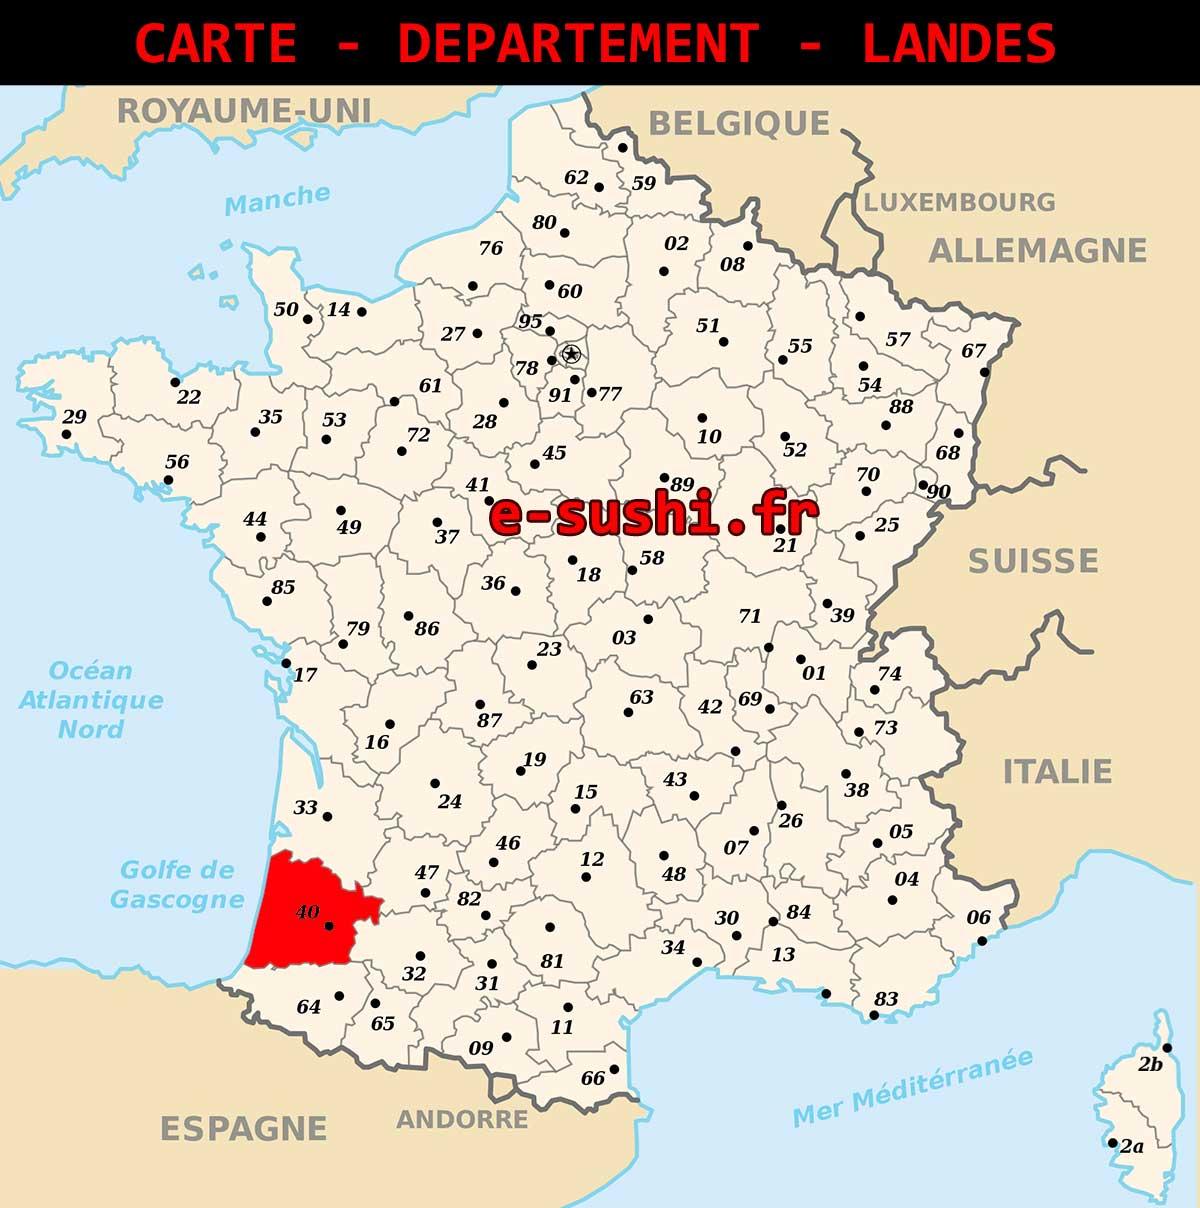 Carte – Département Landes